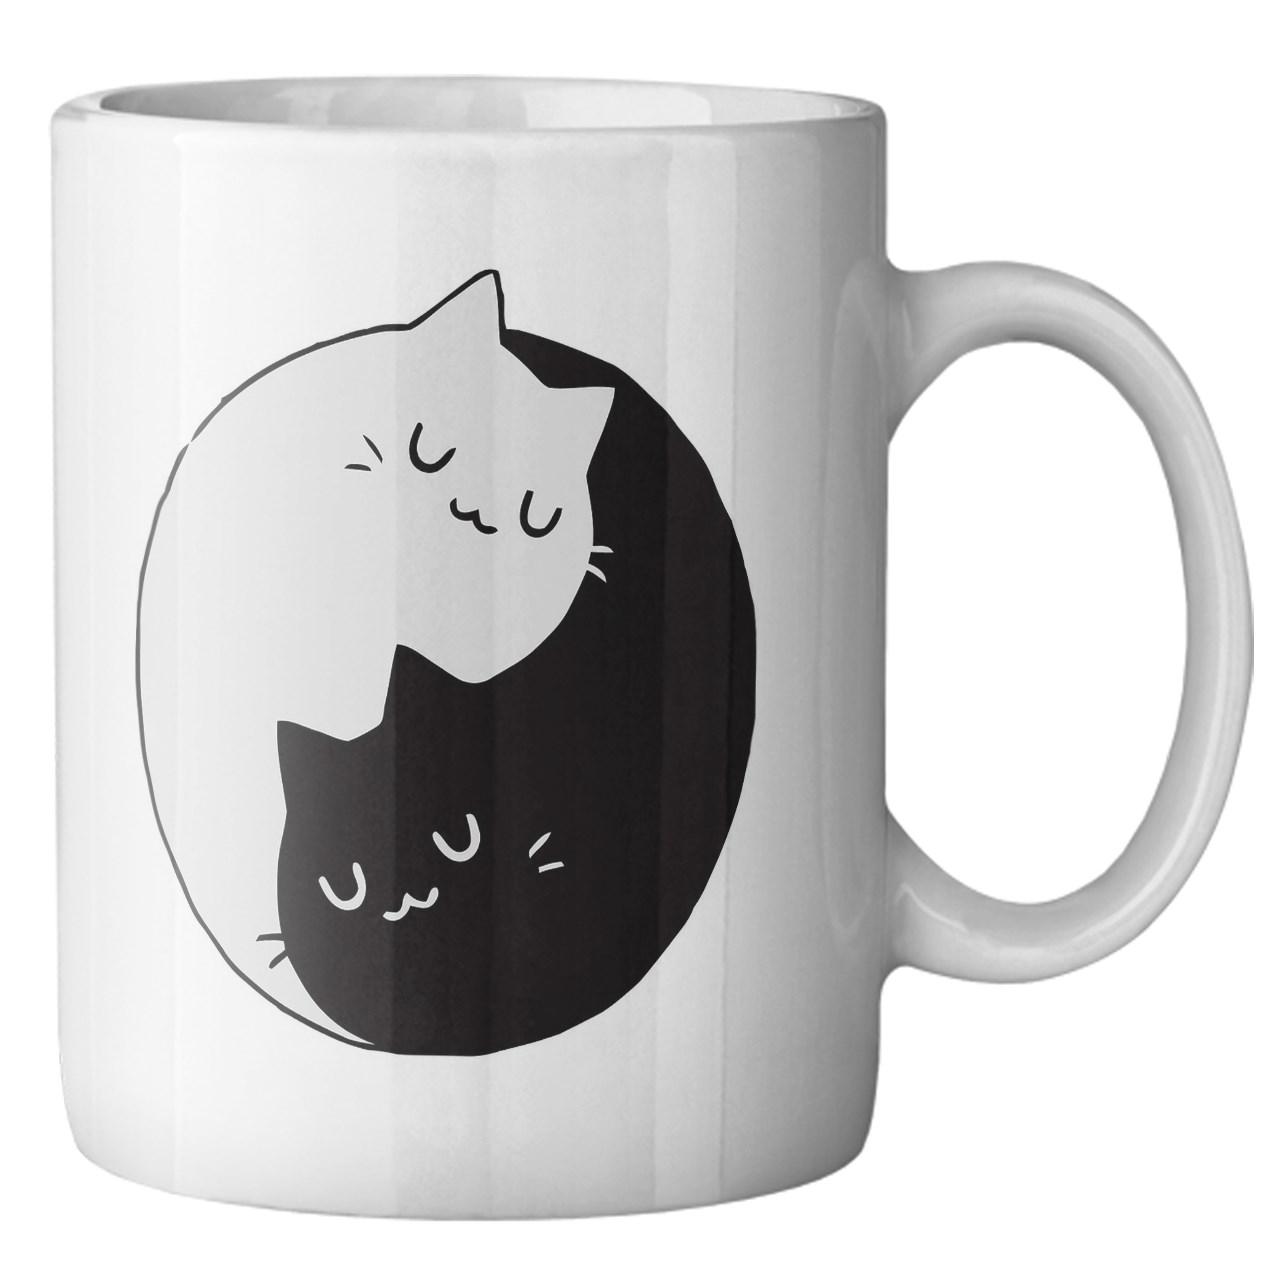 ماگ ماگستان مدل گربه فانتزی